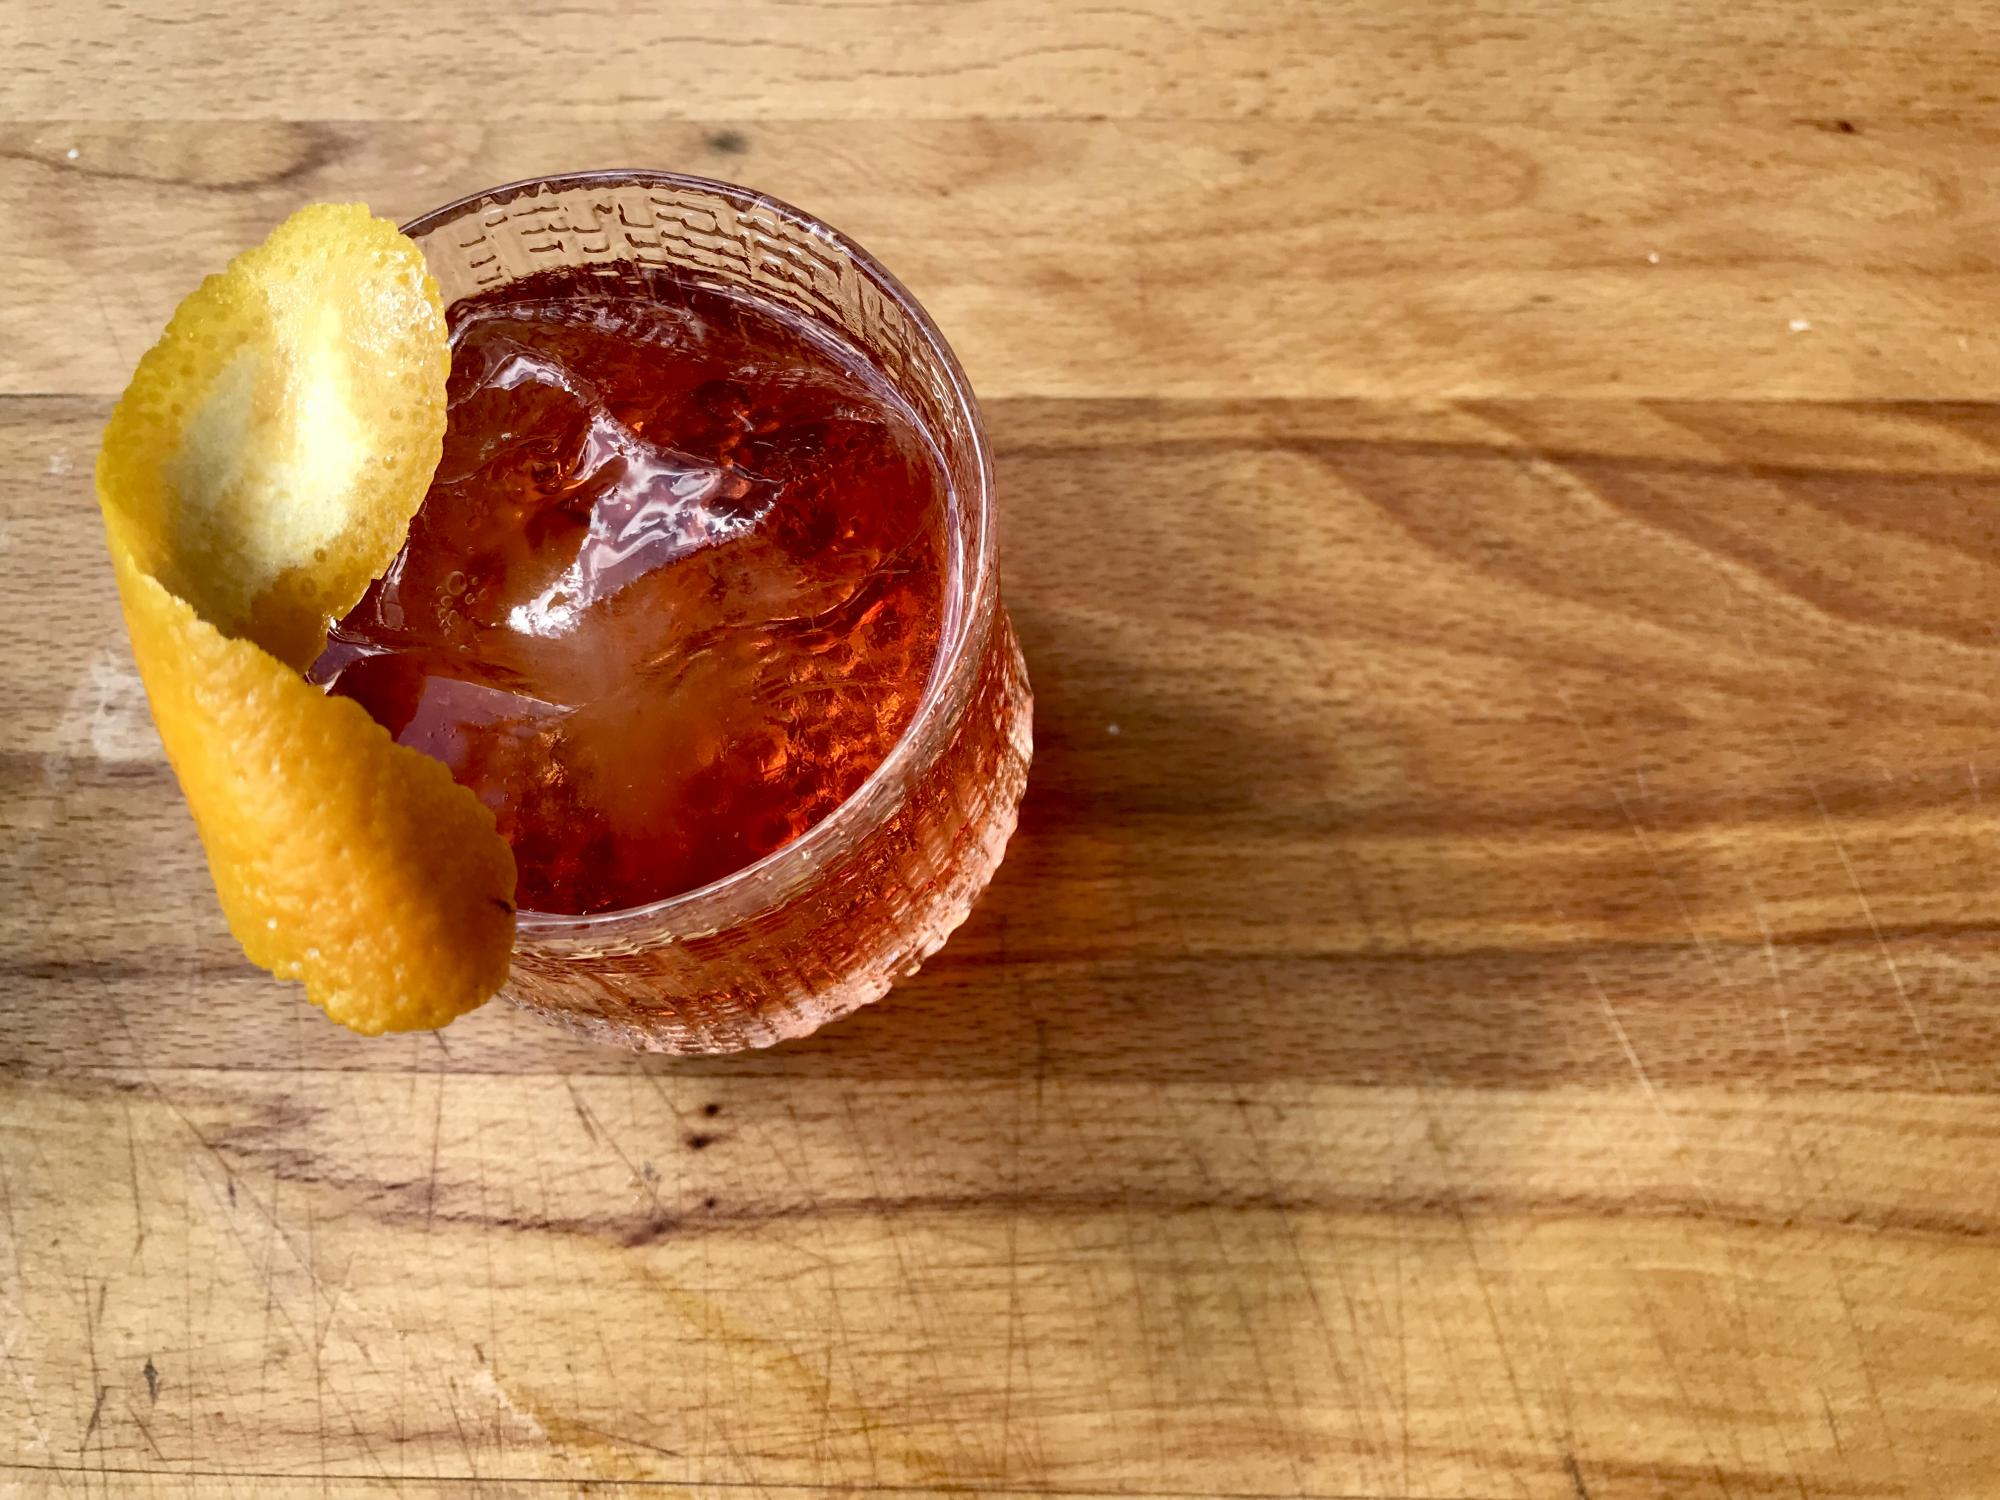 Nationella Tequila dagen! Recept på El Diablo & Rosita - Djävulskt, fruktigt & Negroni variation